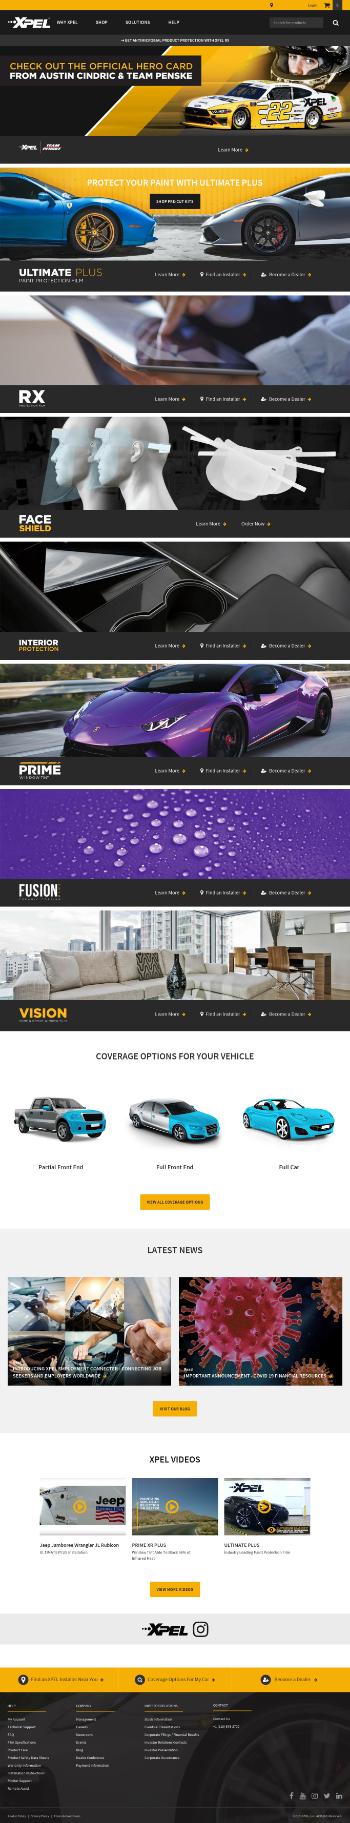 XPEL, Inc. Website Screenshot